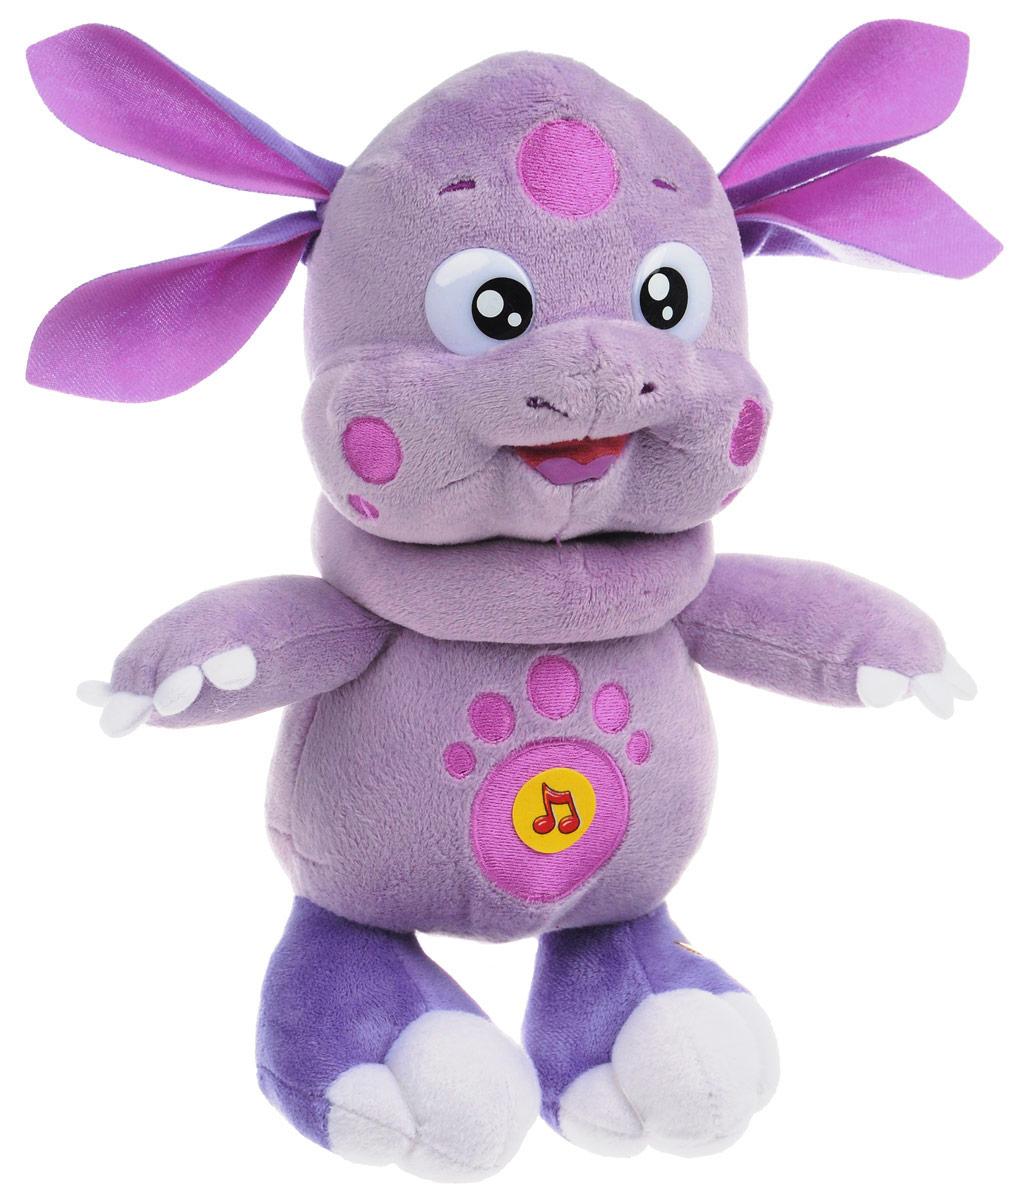 Мульти-Пульти Мягкая игрушка Лунтик 30 смV32292/27AS19XМягкая игрушка Мульти-Пульти Лунтик ассоциируется с радостью и весельем, и для детей такой подарок станет поистине незабываемым. При нажатии на живот Лунтик произносит два стиха и поет песенку. Забавные, добрые мягкие игрушки радуют детей с самого рождения. Ведь уже в первые месяцы жизни ребенок проявляет интерес к плюшевым зверятам и необычным персонажам. Сначала они помогают ему познавать окружающий мир через тактильные ощущения, знакомят его с животным миром нашей планеты, формируют цветовосприятие и способствуют концентрации внимания. Для работы игрушки необходимы 3 батарейки типа AG13 (LR44) (товар комплектуется демонстрационными).